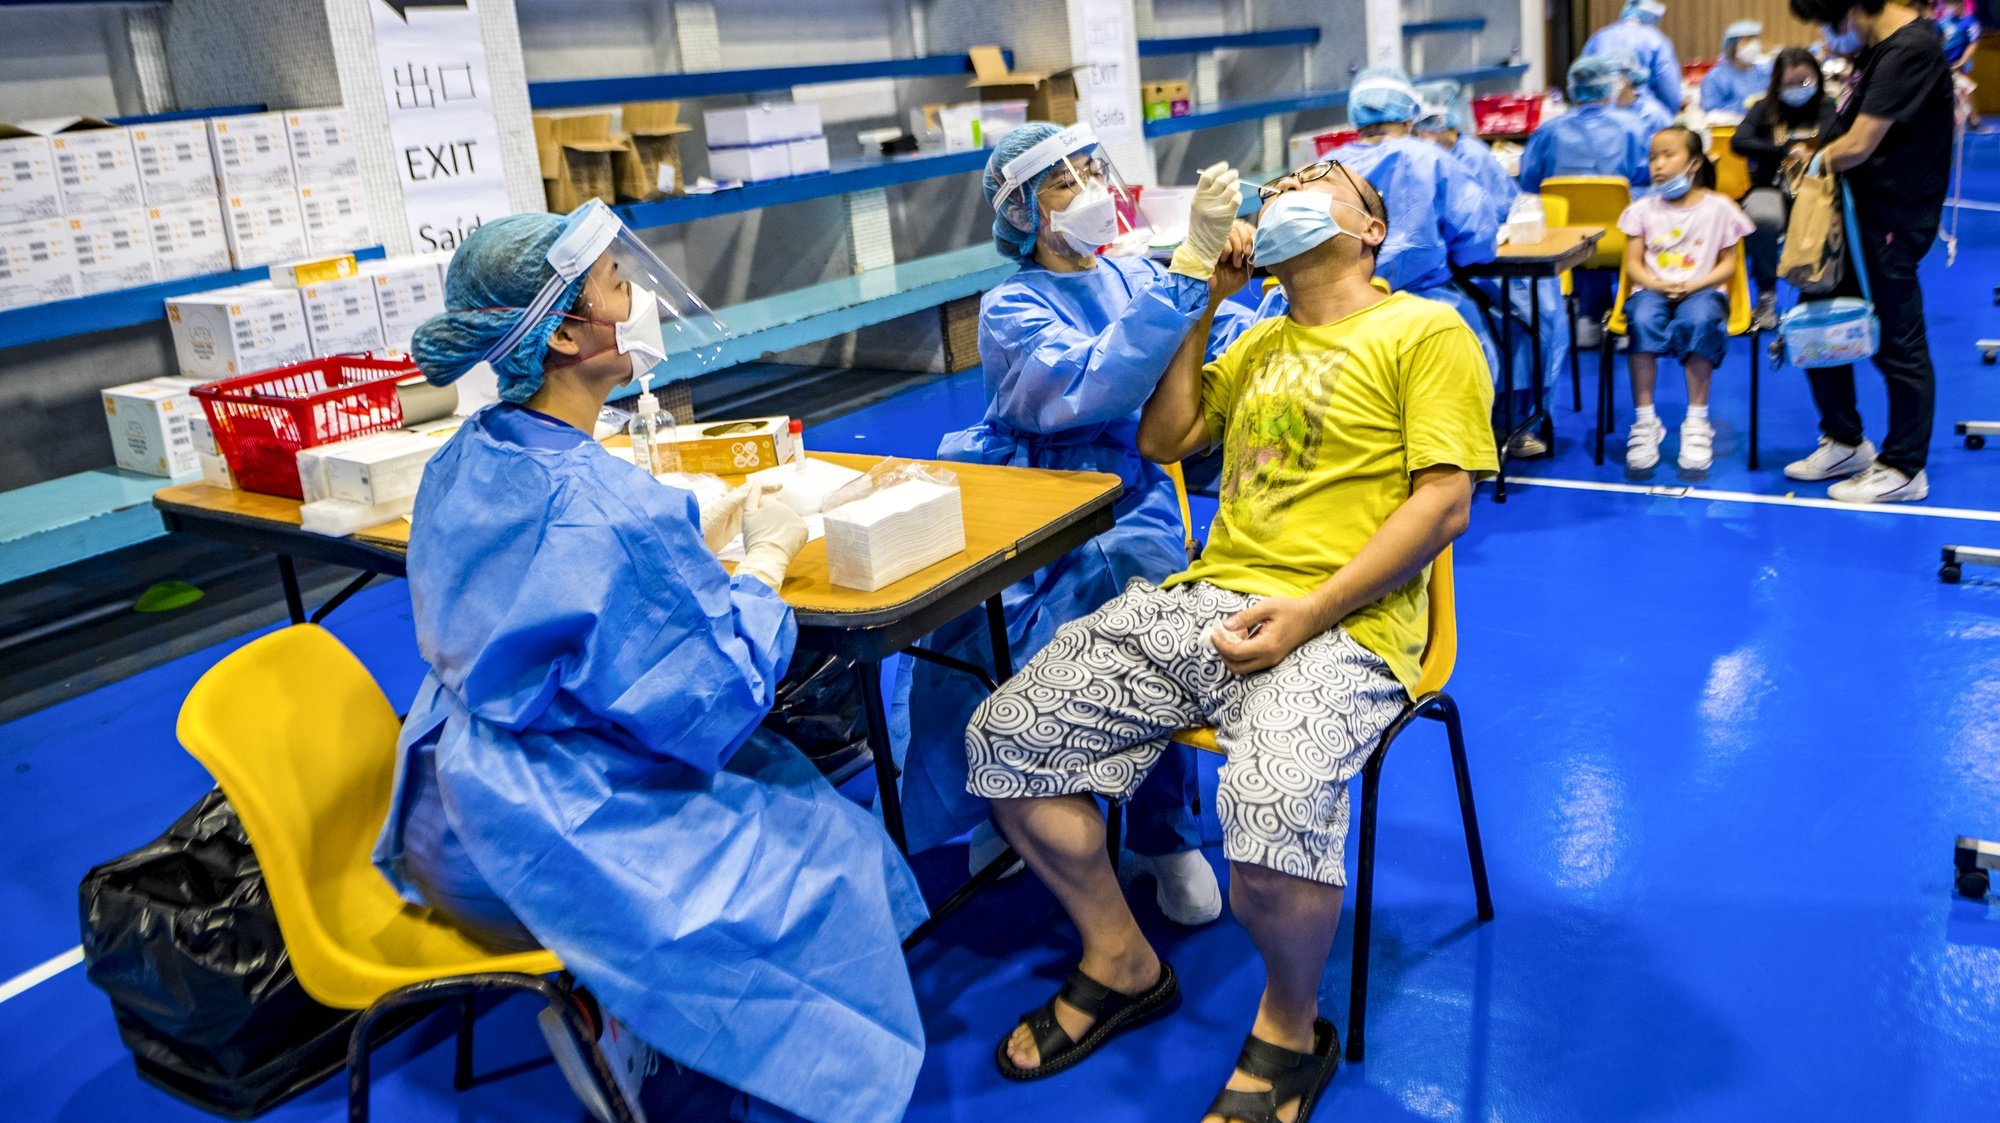 O aparecimento de novos casos e o risco de Macau registar pela primeira vez um surto comunitário, obrigou o Governo a avançar com os testes massivos a quase 670 mil pessoas que vivem em Macau, onde pouco mais de um terço da população ainda não se vacinou, apesar da vacina ser gratuita, de não faltarem vacinas e até escolha, Macau, China, 4 de agosto de 2021. Macau detetou 63 casos desde o início da pandemia, não registando qualquer morte. Nenhum profissional de saúde foi infetado ou identificado qualquer surto comunitário. TATIANA LAGES